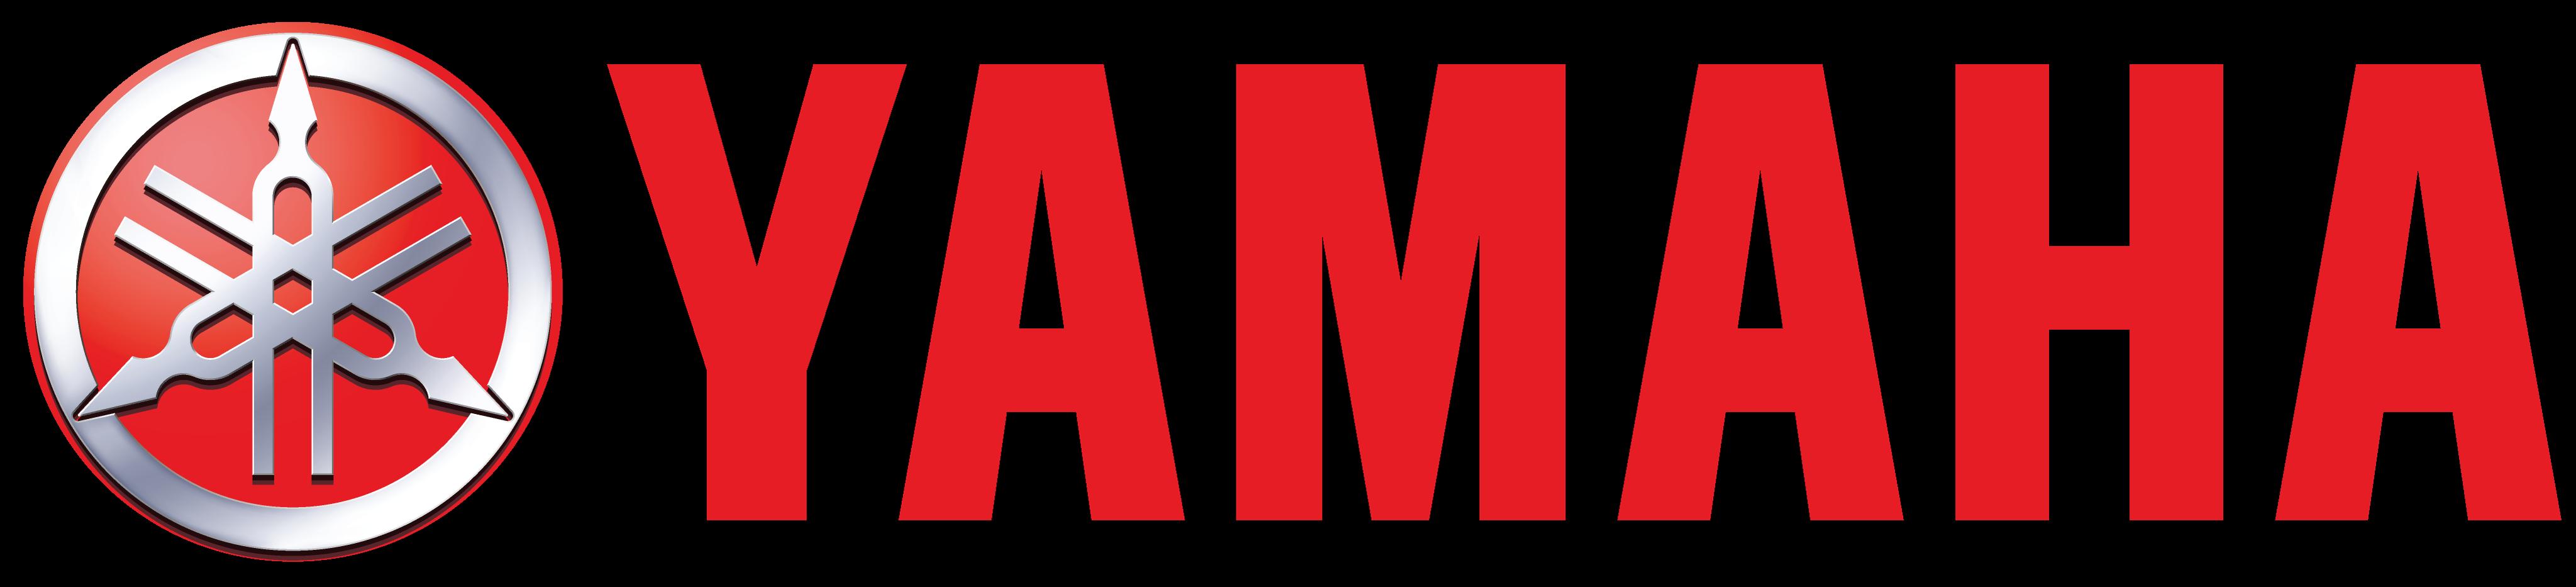 yamaha logo 11 - Yamaha Motor Logo